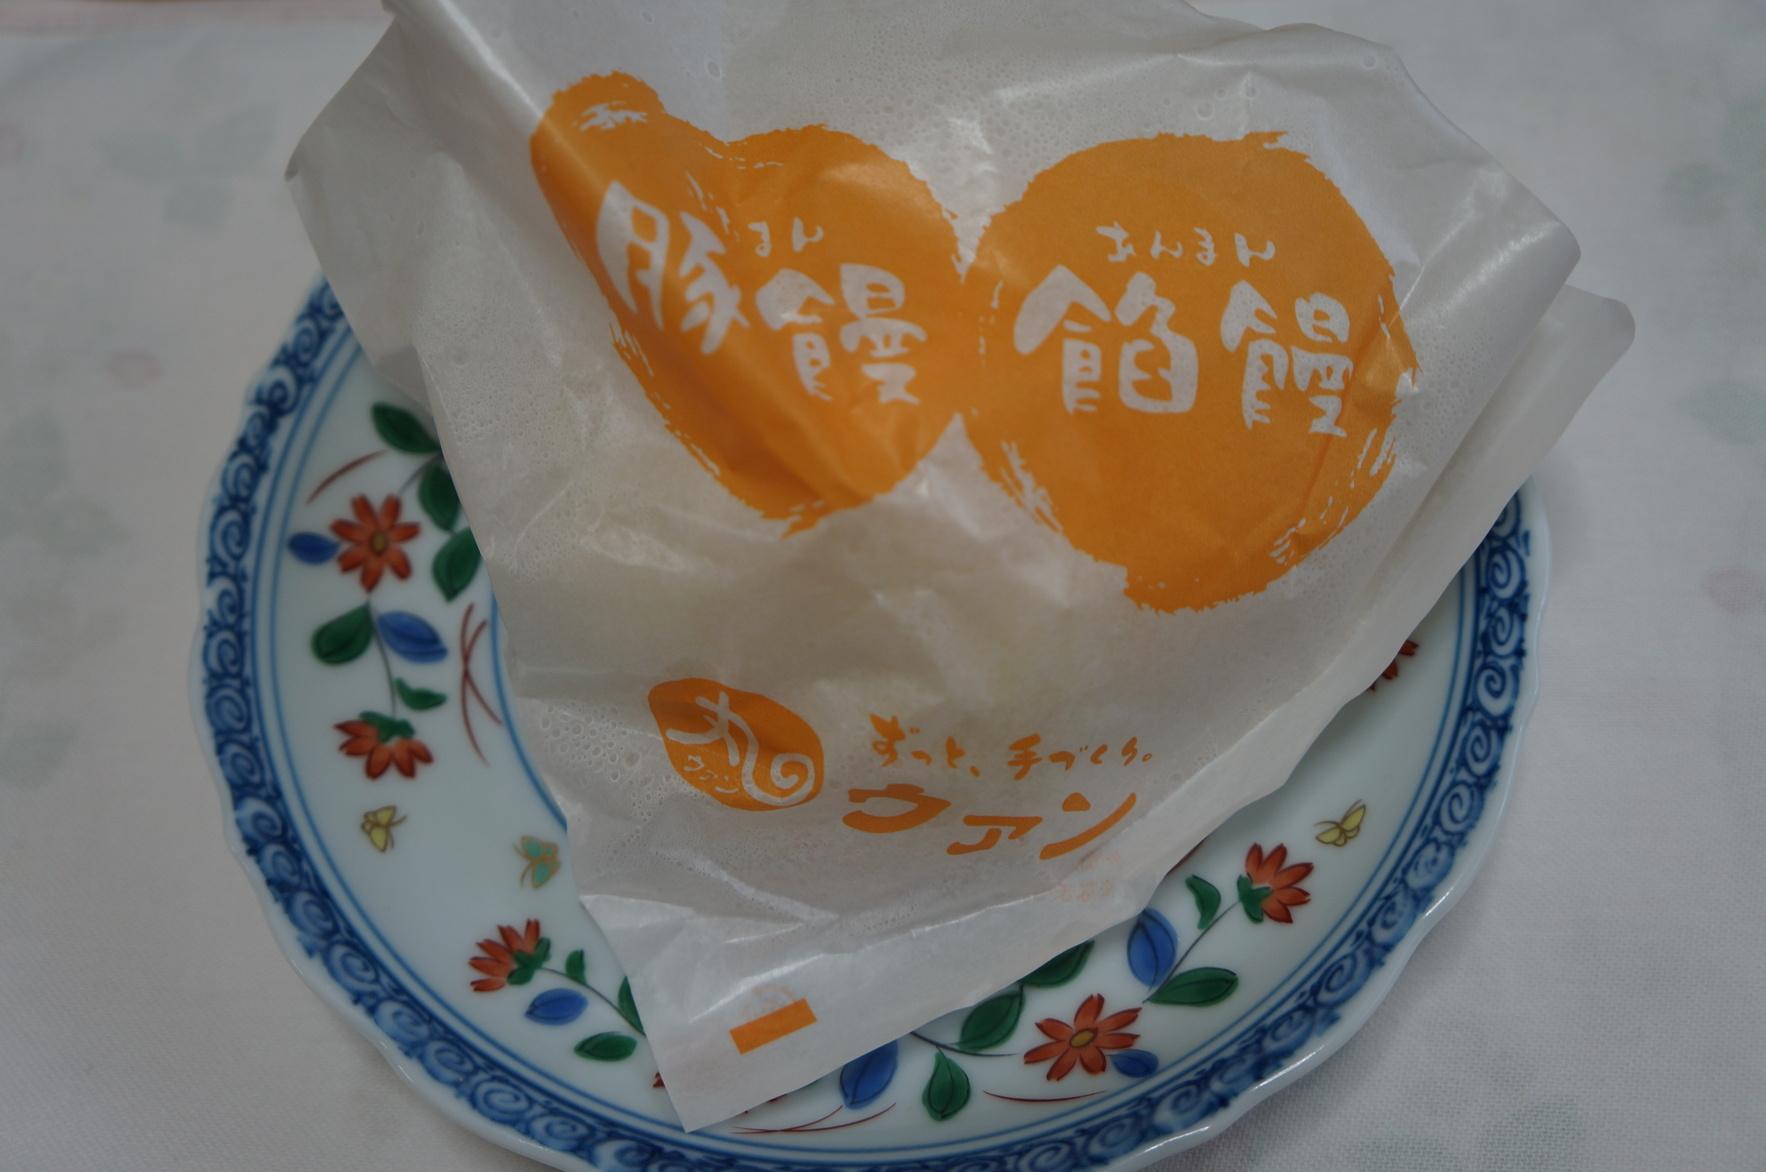 ウァン 小俣店